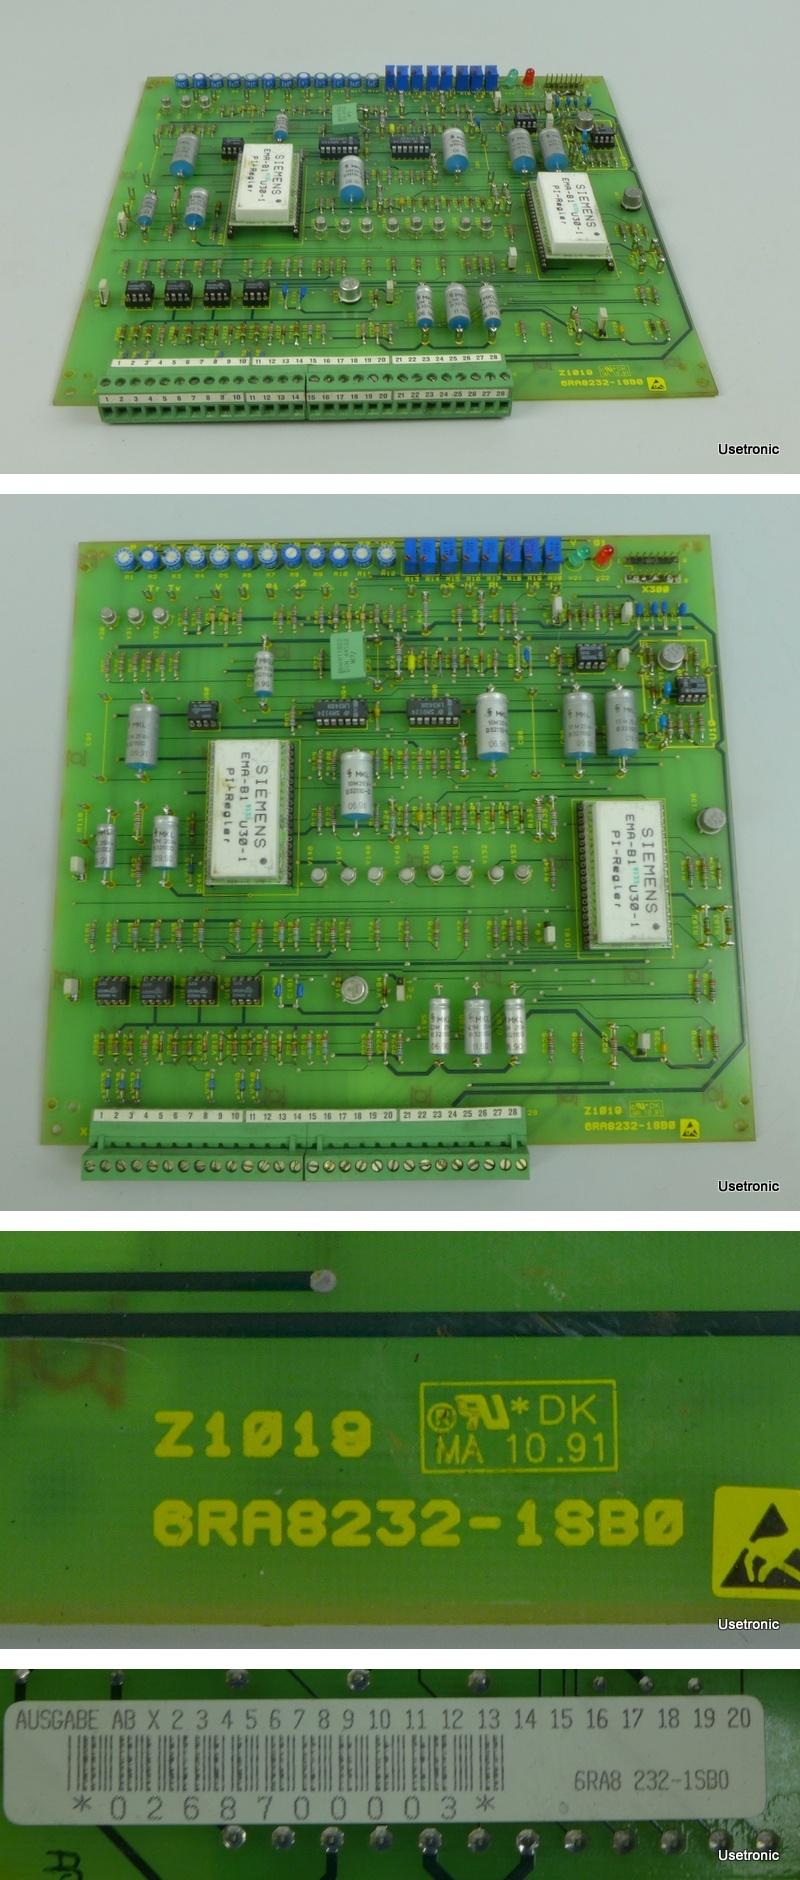 Siemens Z1019 6RA8232-1SB0